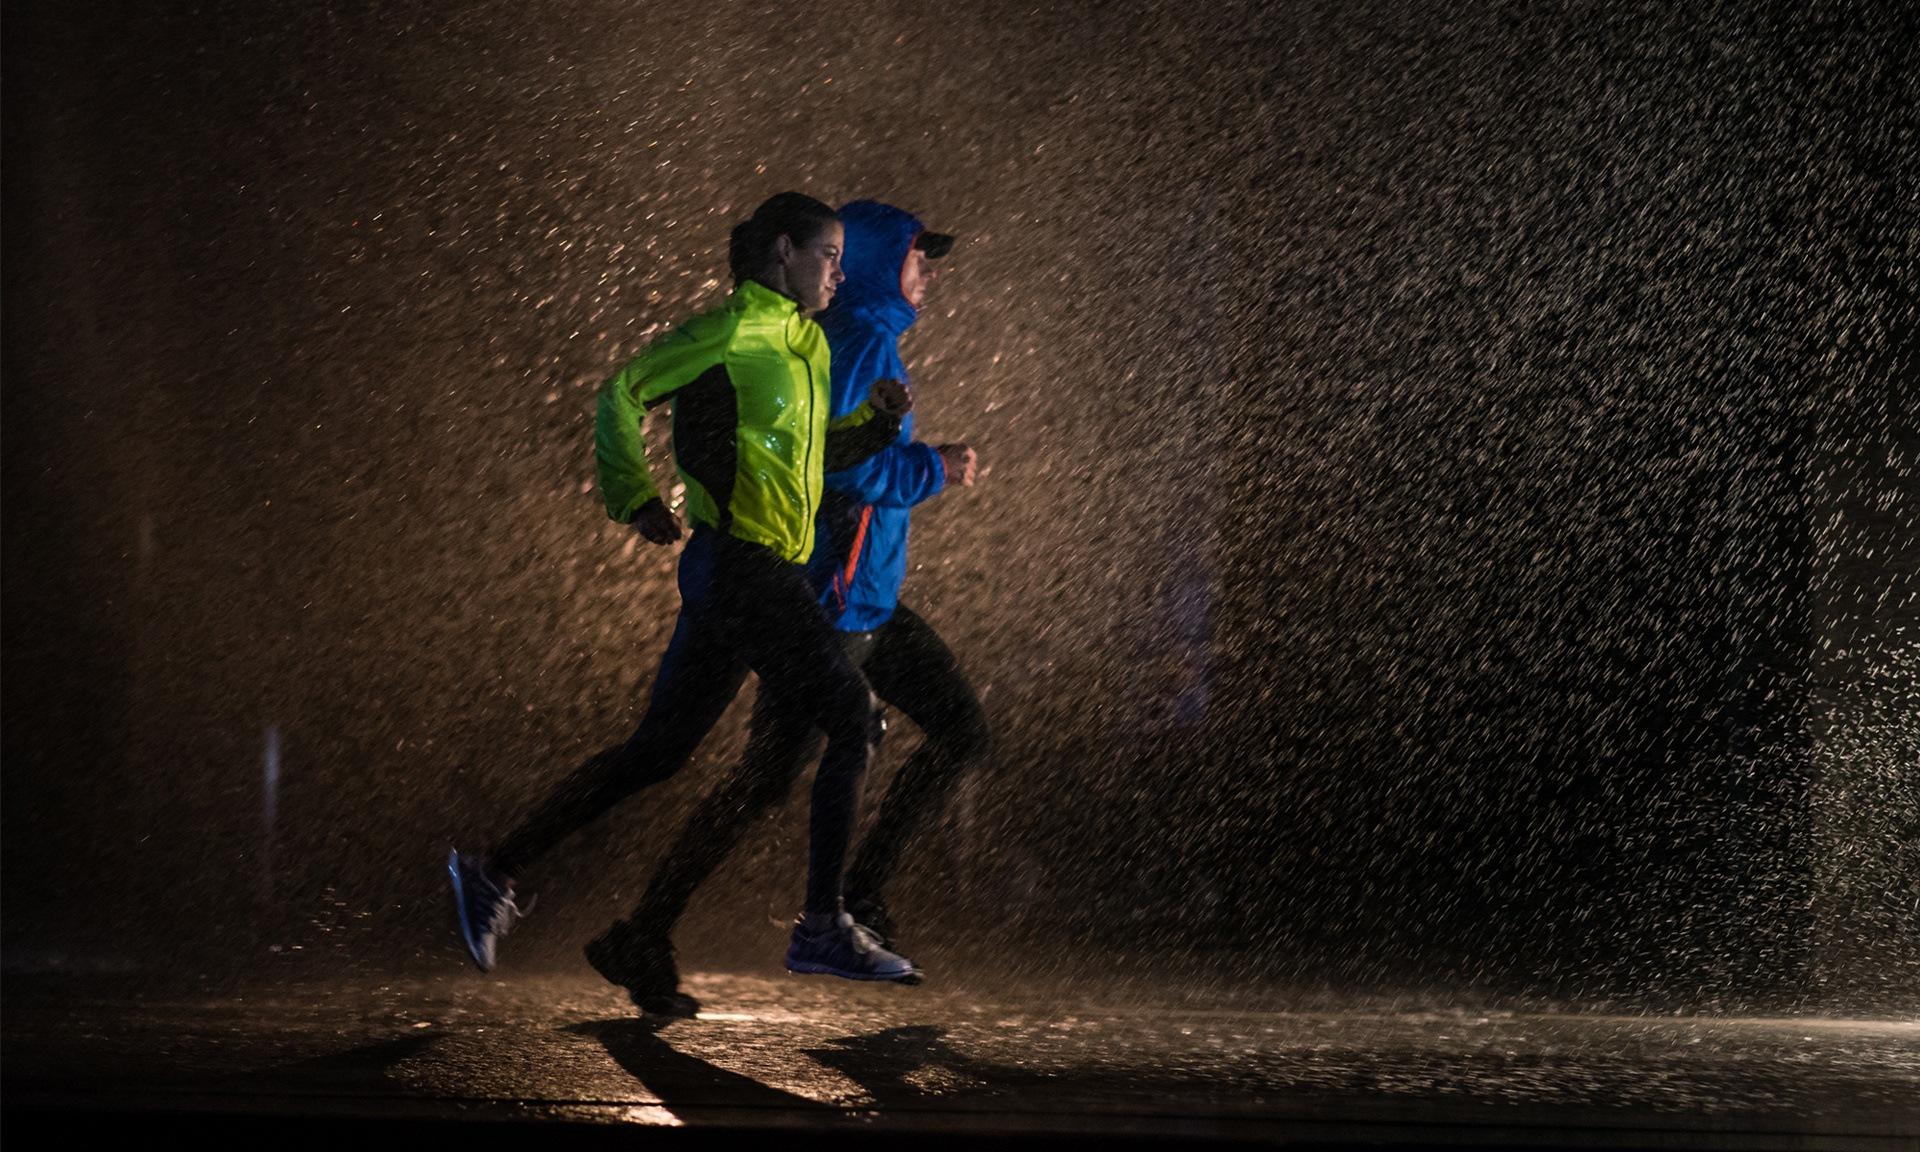 Бег под дождем. Стоит ли бегать?